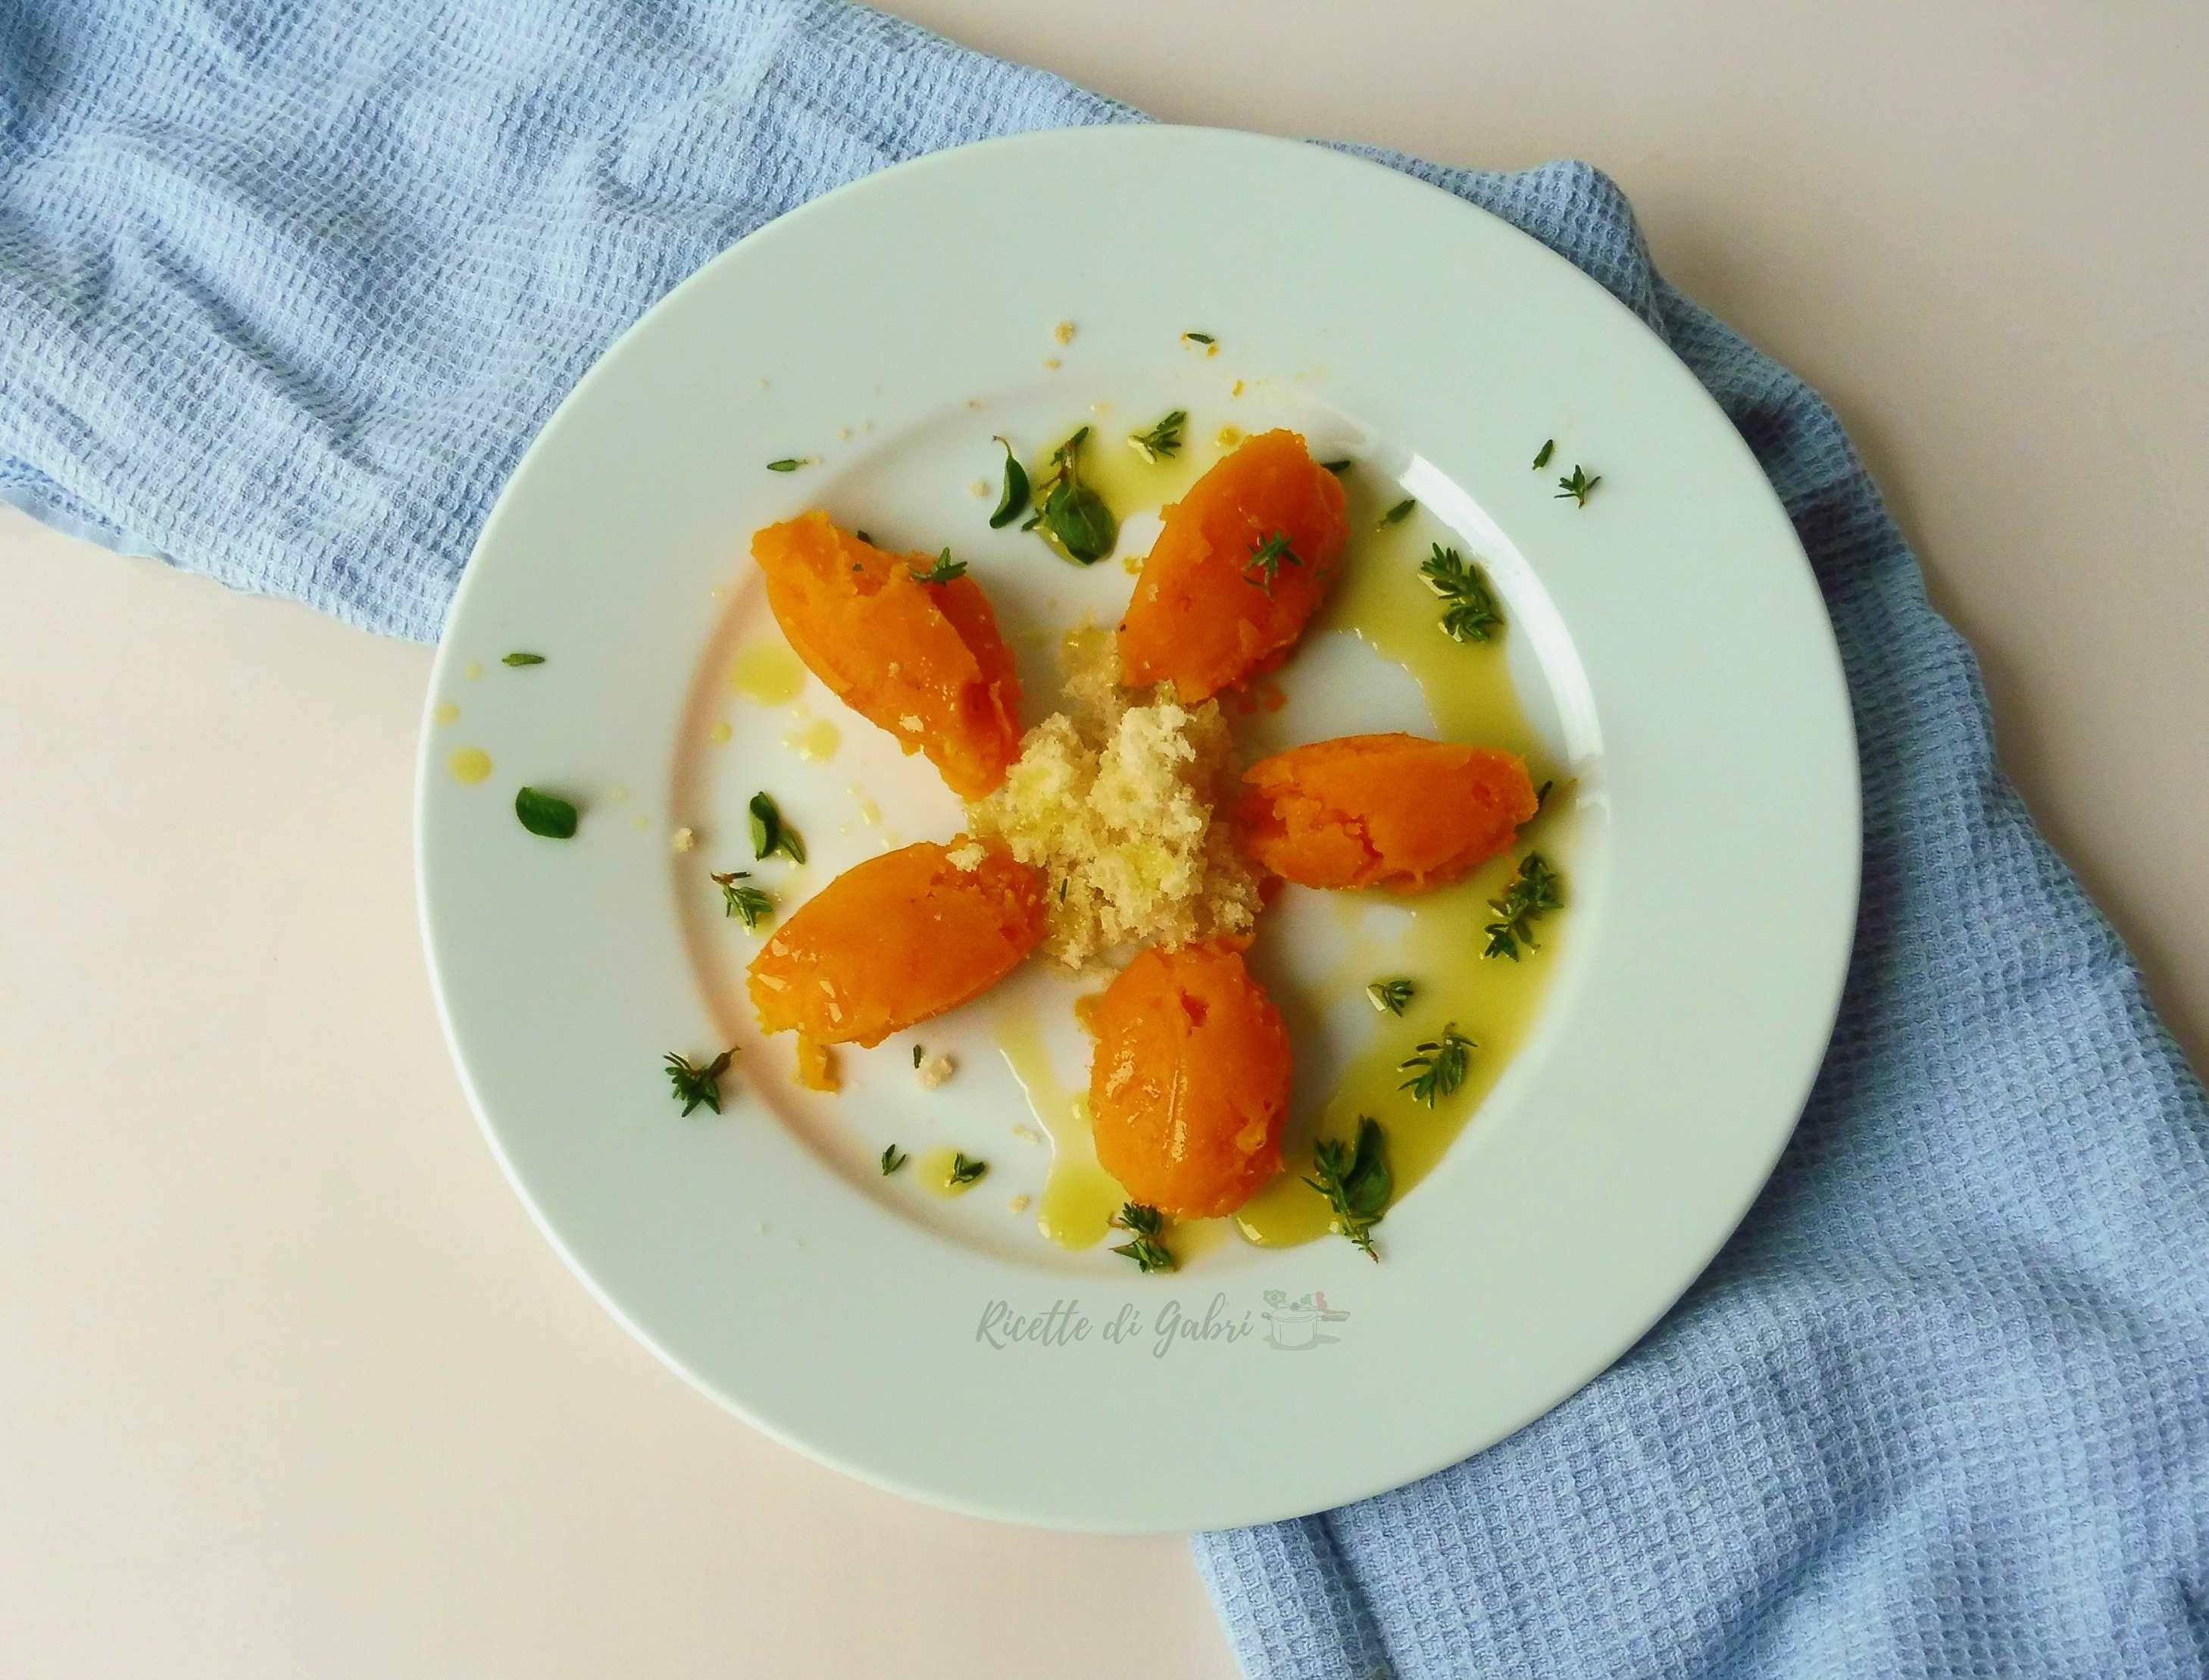 Purè di zucca super leggero ricetta facile con zucca al forno gabri